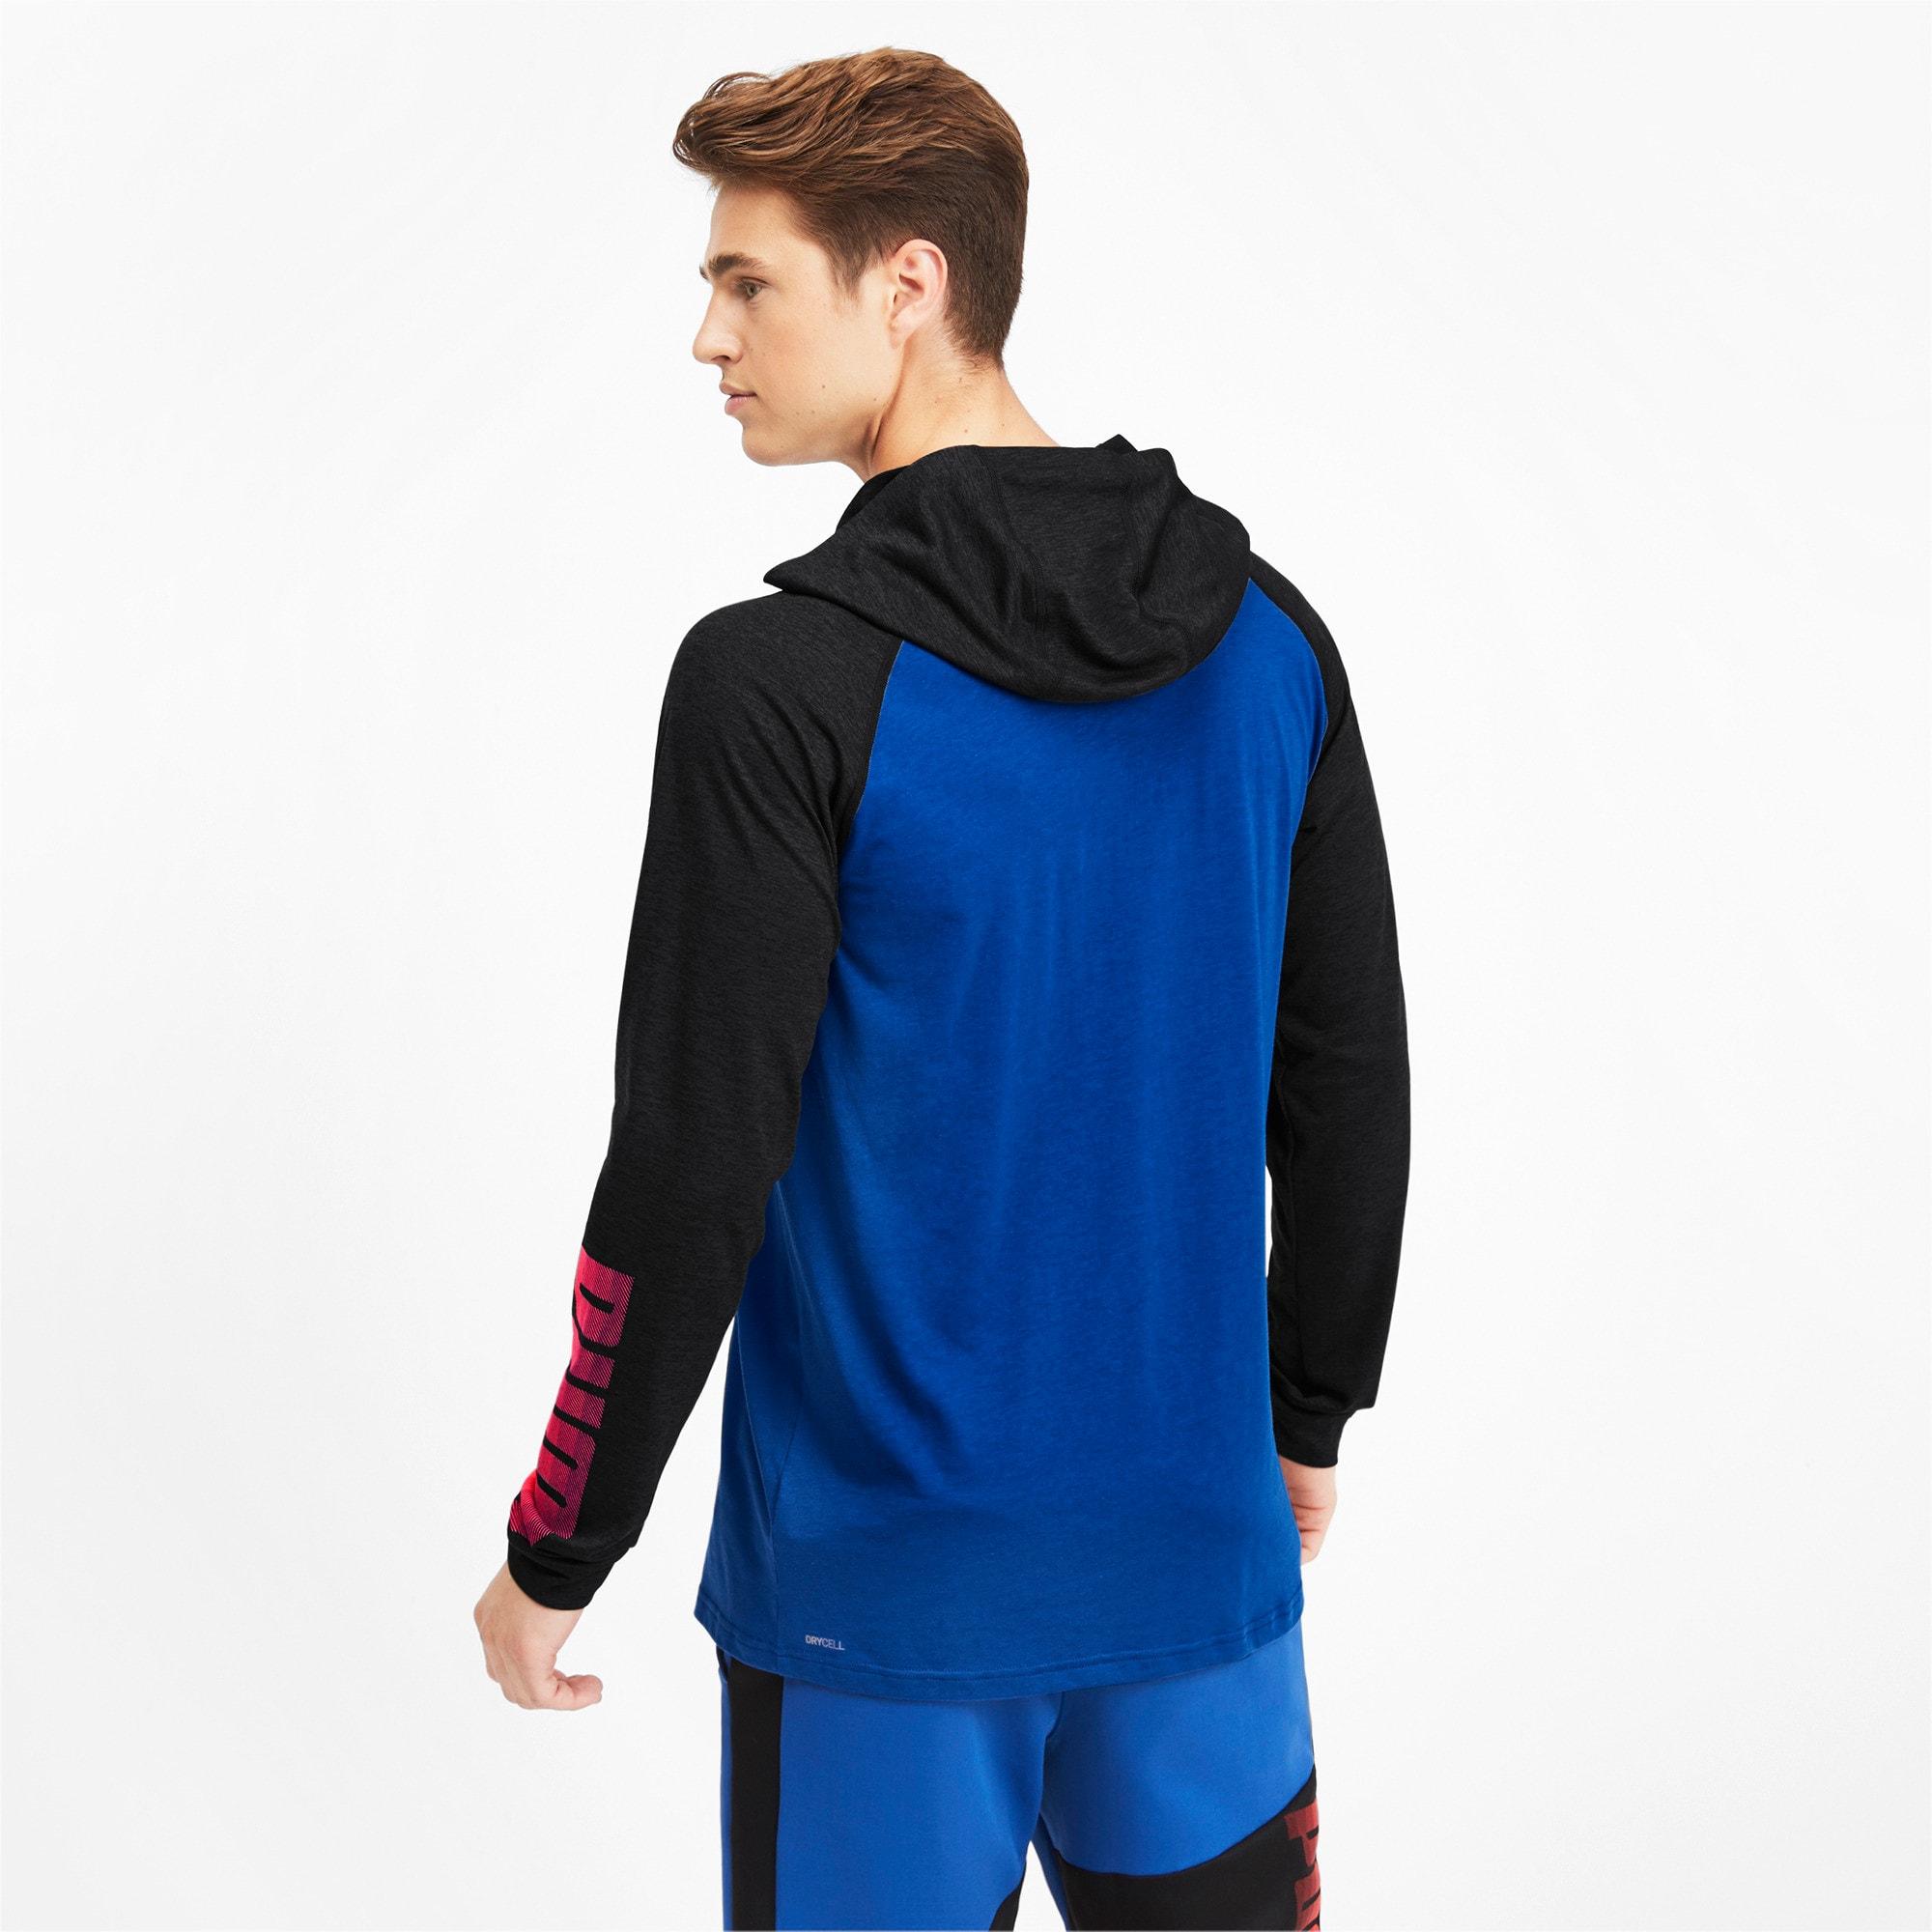 Miniatura 3 de Camiseta Collective con capucha y mangas largas para hombre, Galaxy Blue-Black Heather, mediano